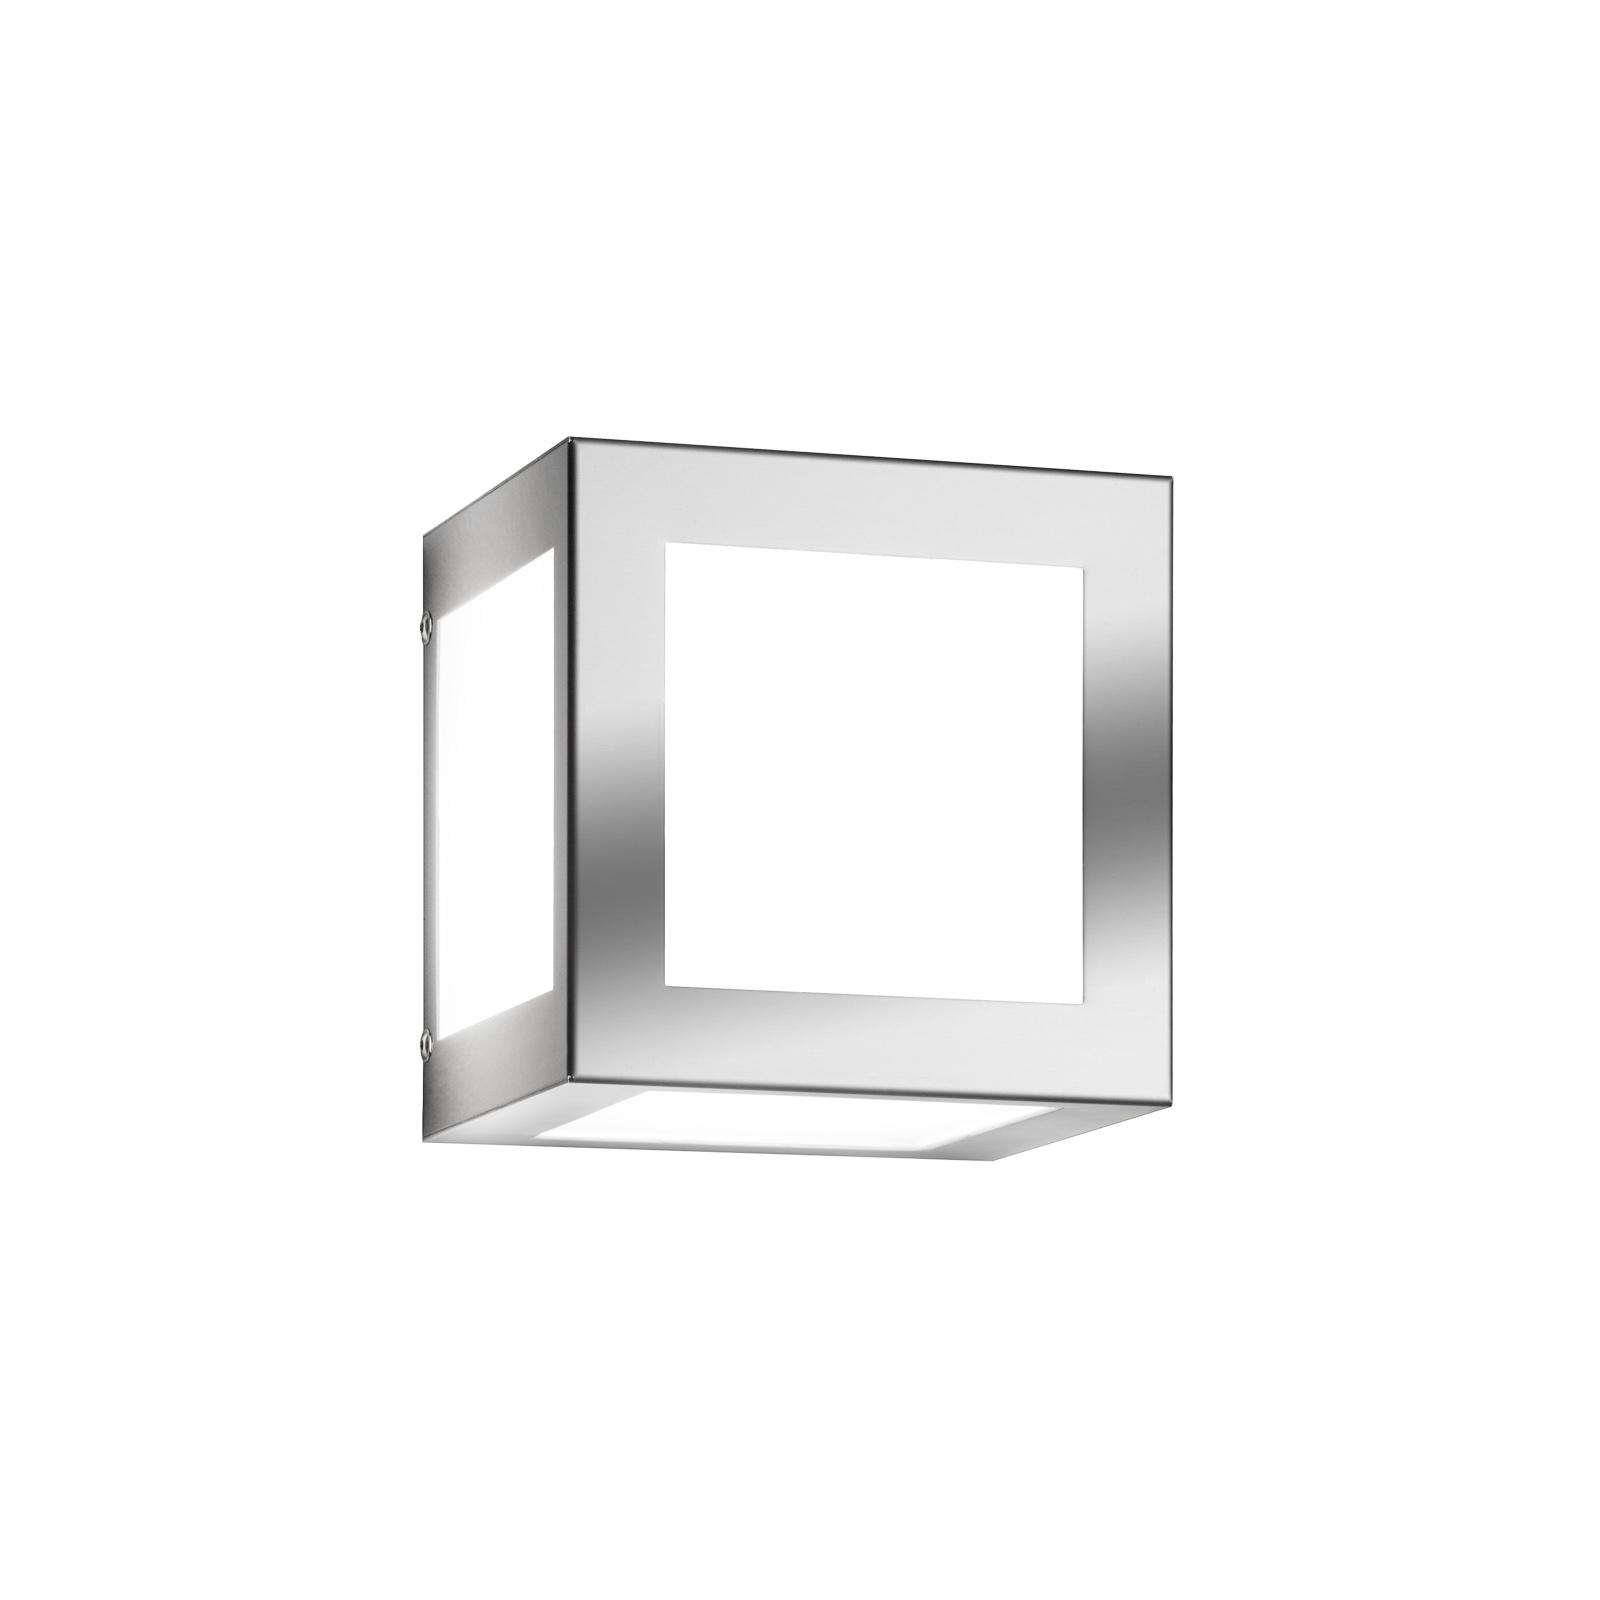 Cubic outdoor wall light Cubo matt stainless steel_2011015_1